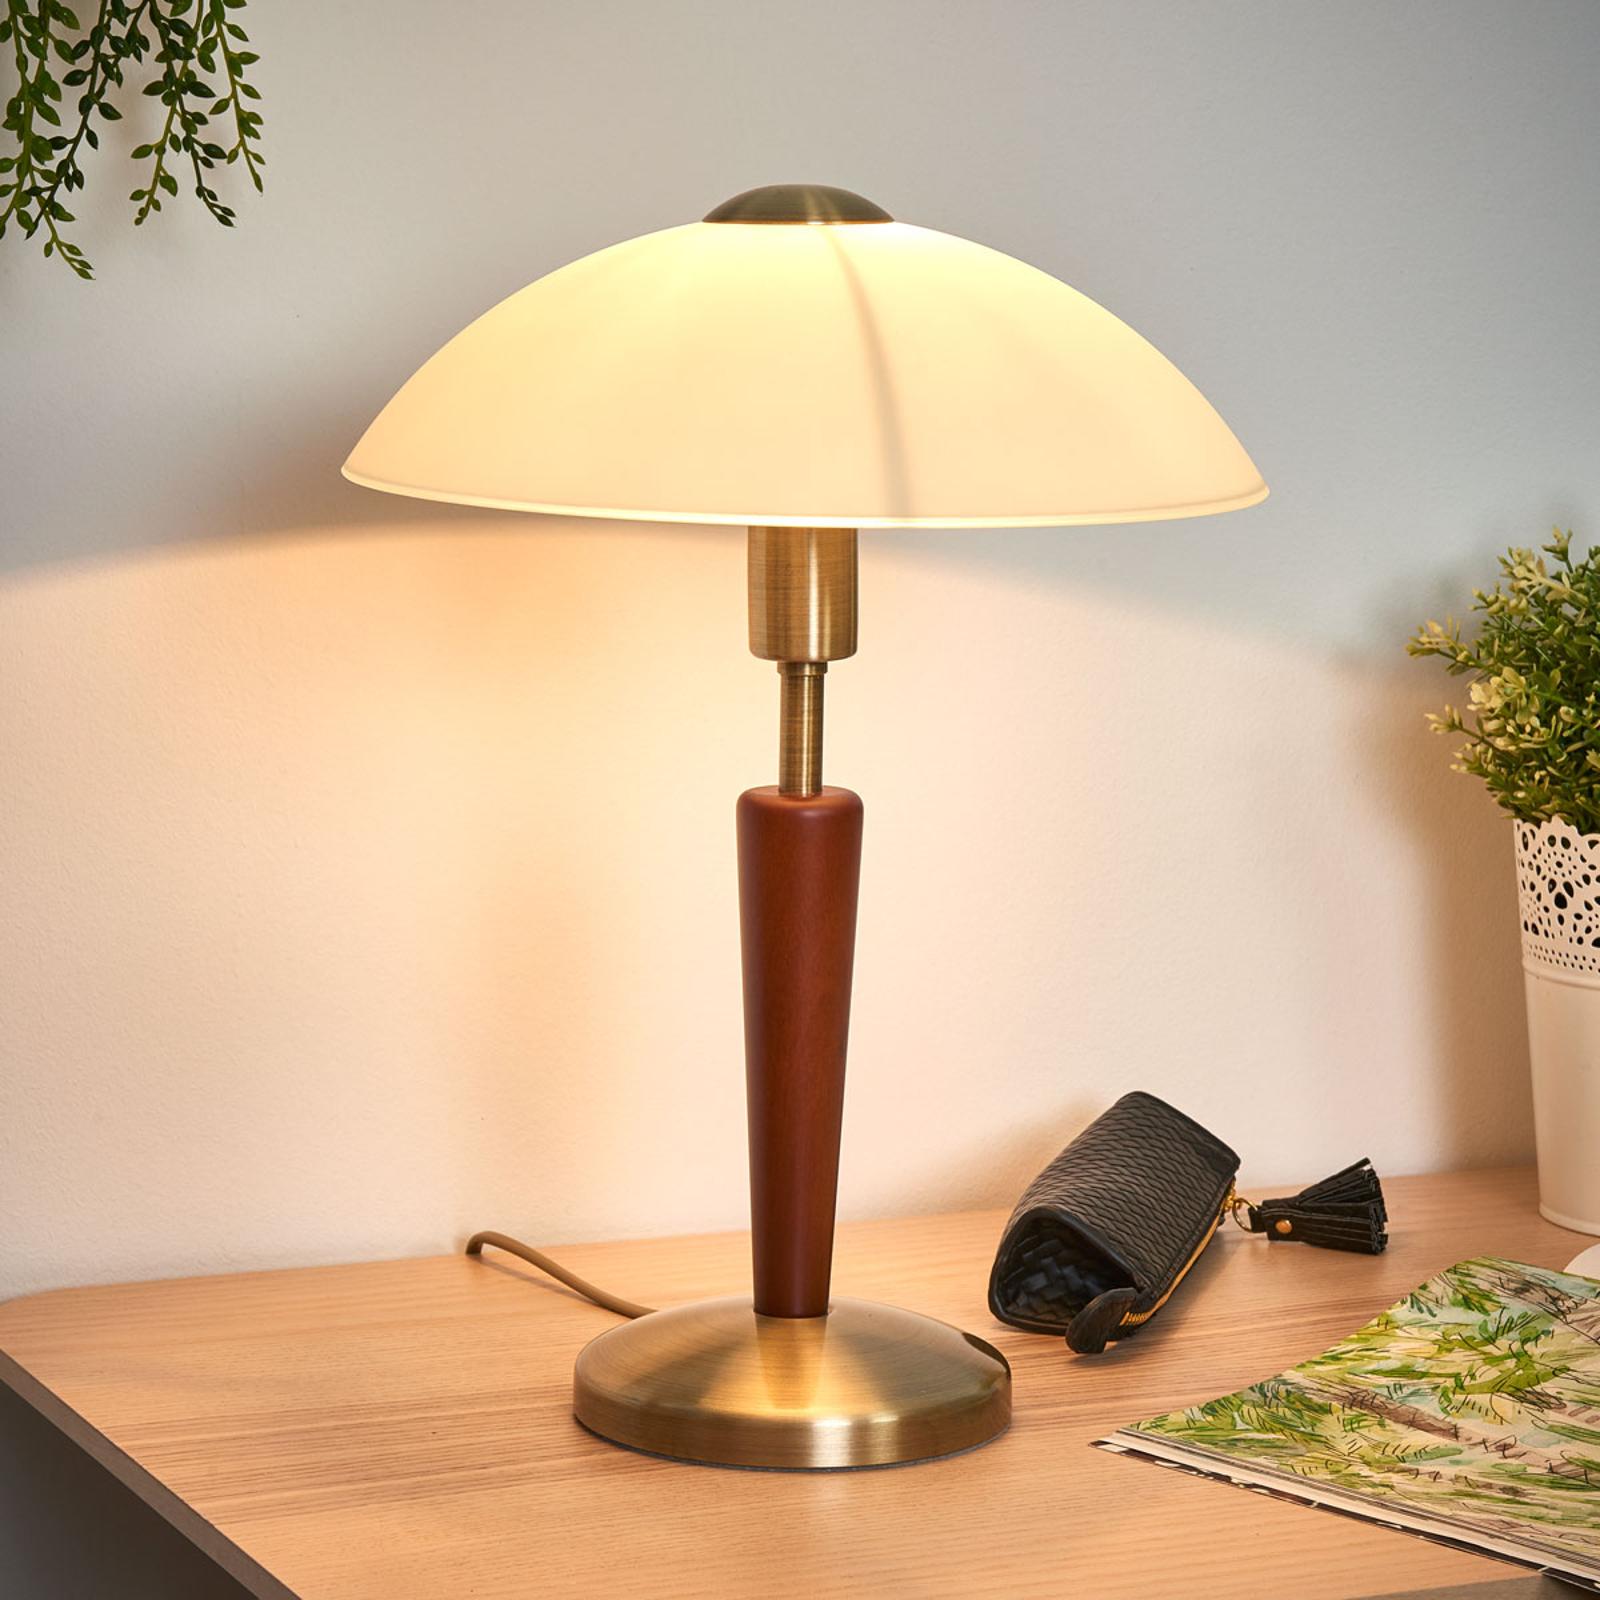 Stolná lampa Salut, čiernená, orech_3001577_1